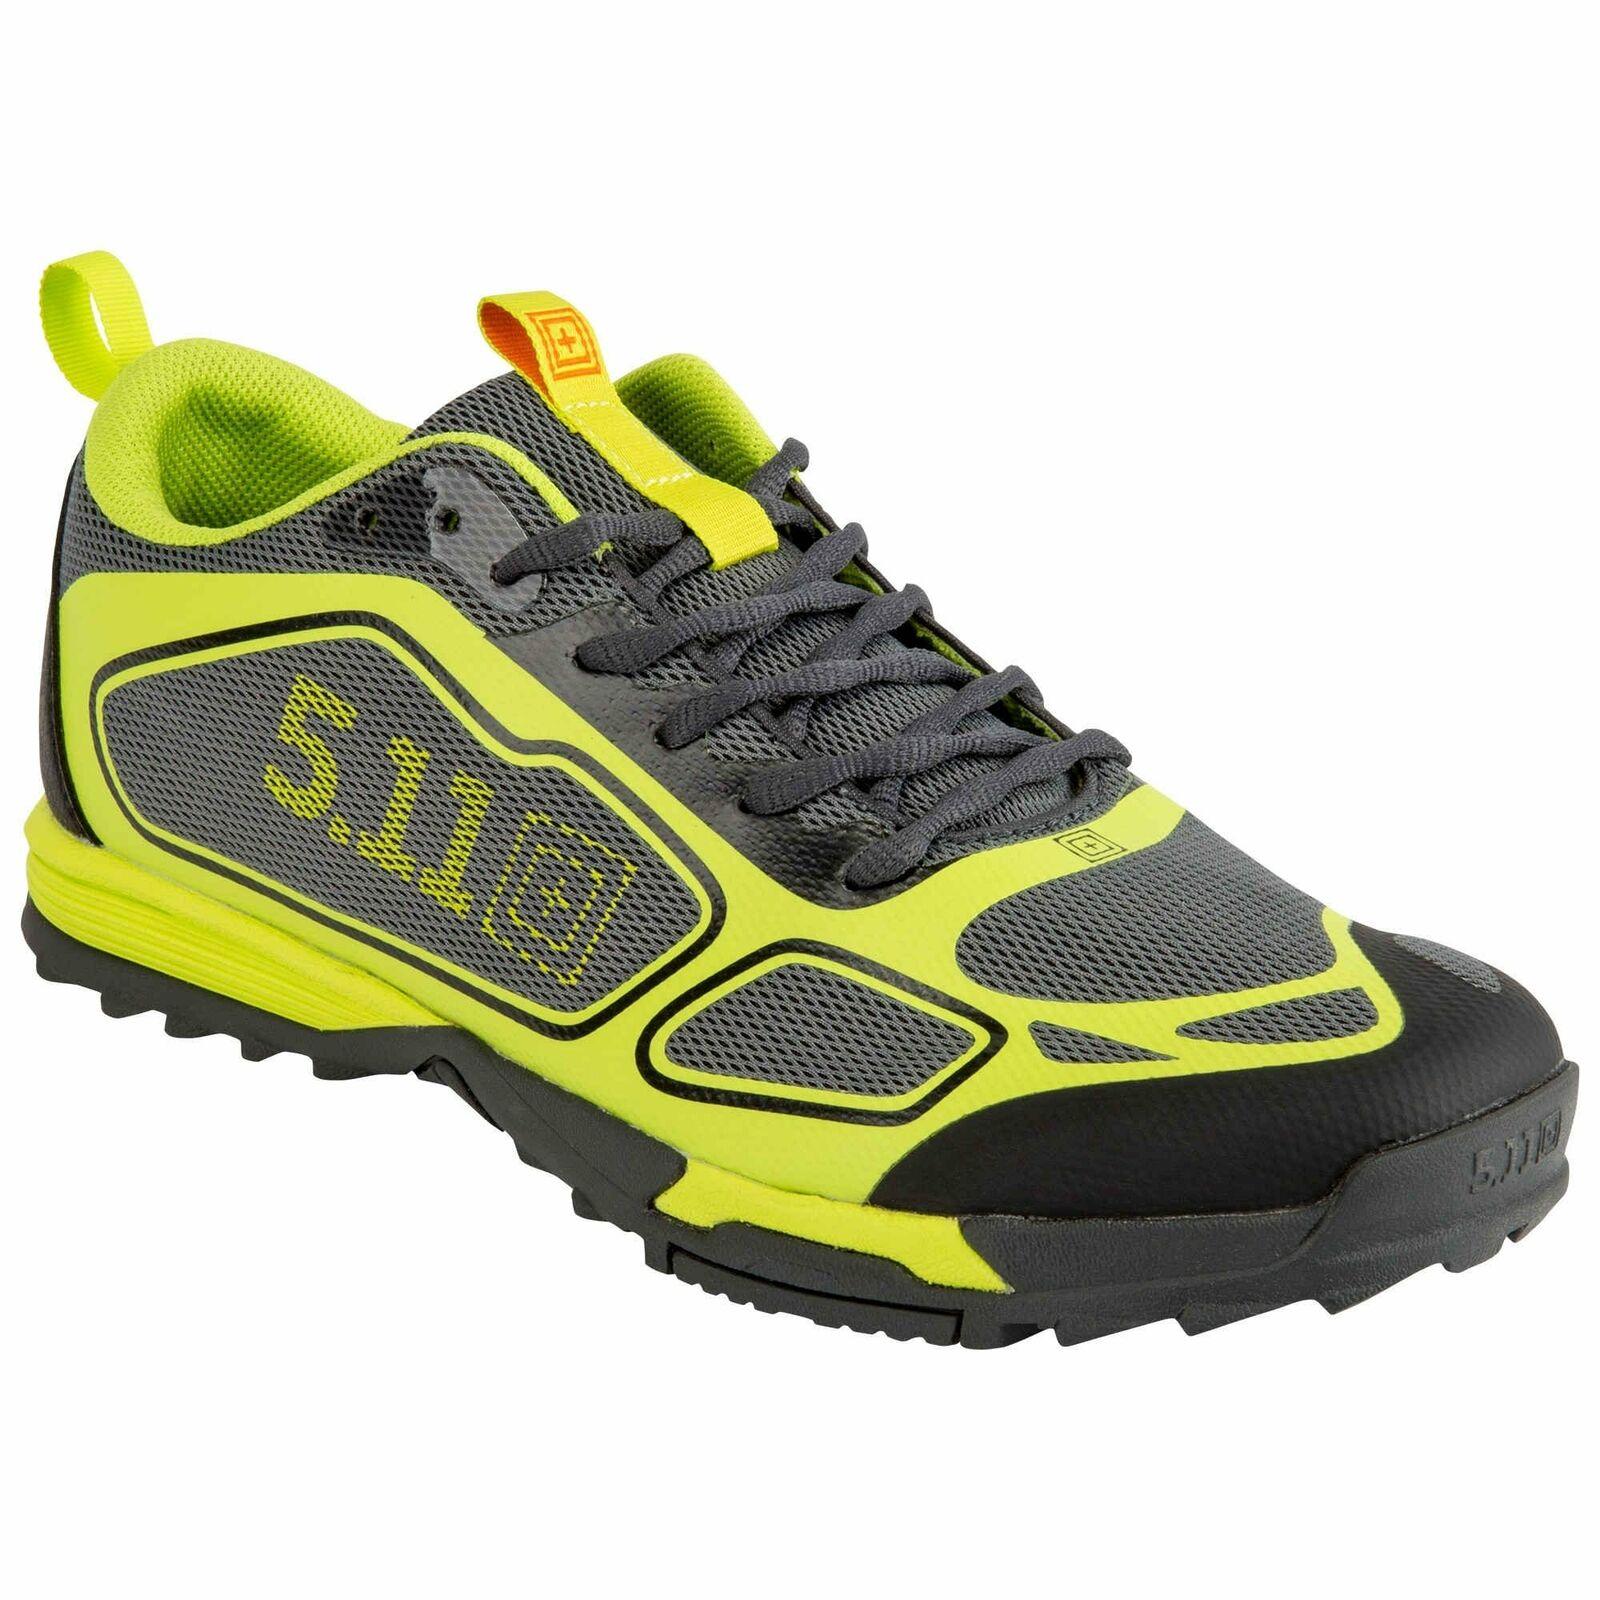 5.11 Tactical Abr Cross Fit Trainer Entrenamiento Zapatos Hombre 10.5 Gecko